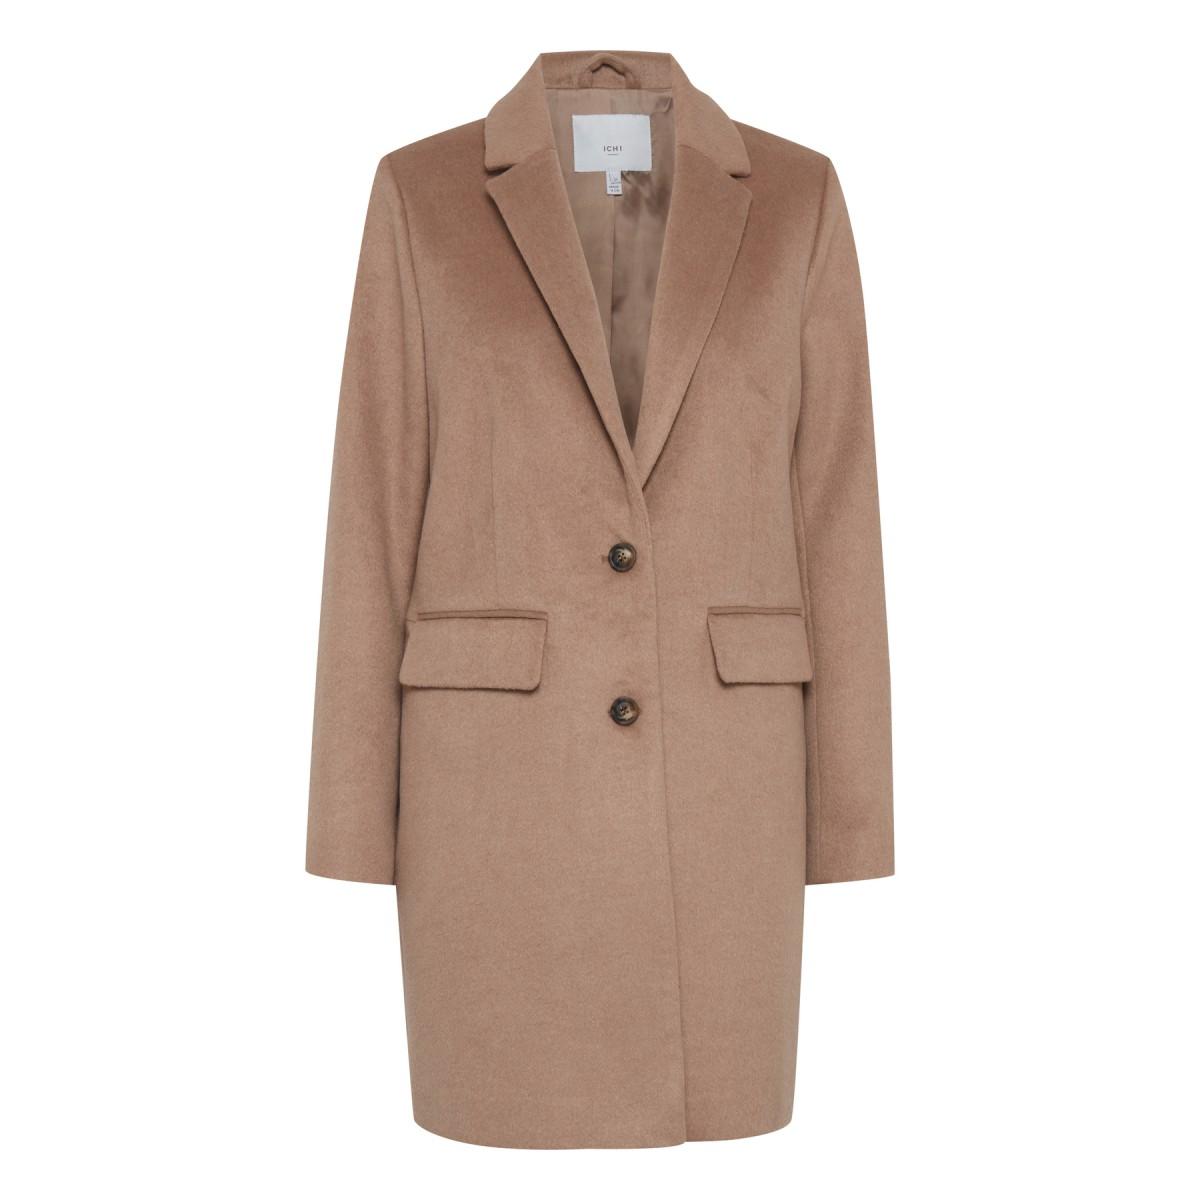 Ichi - Manteau camel femme